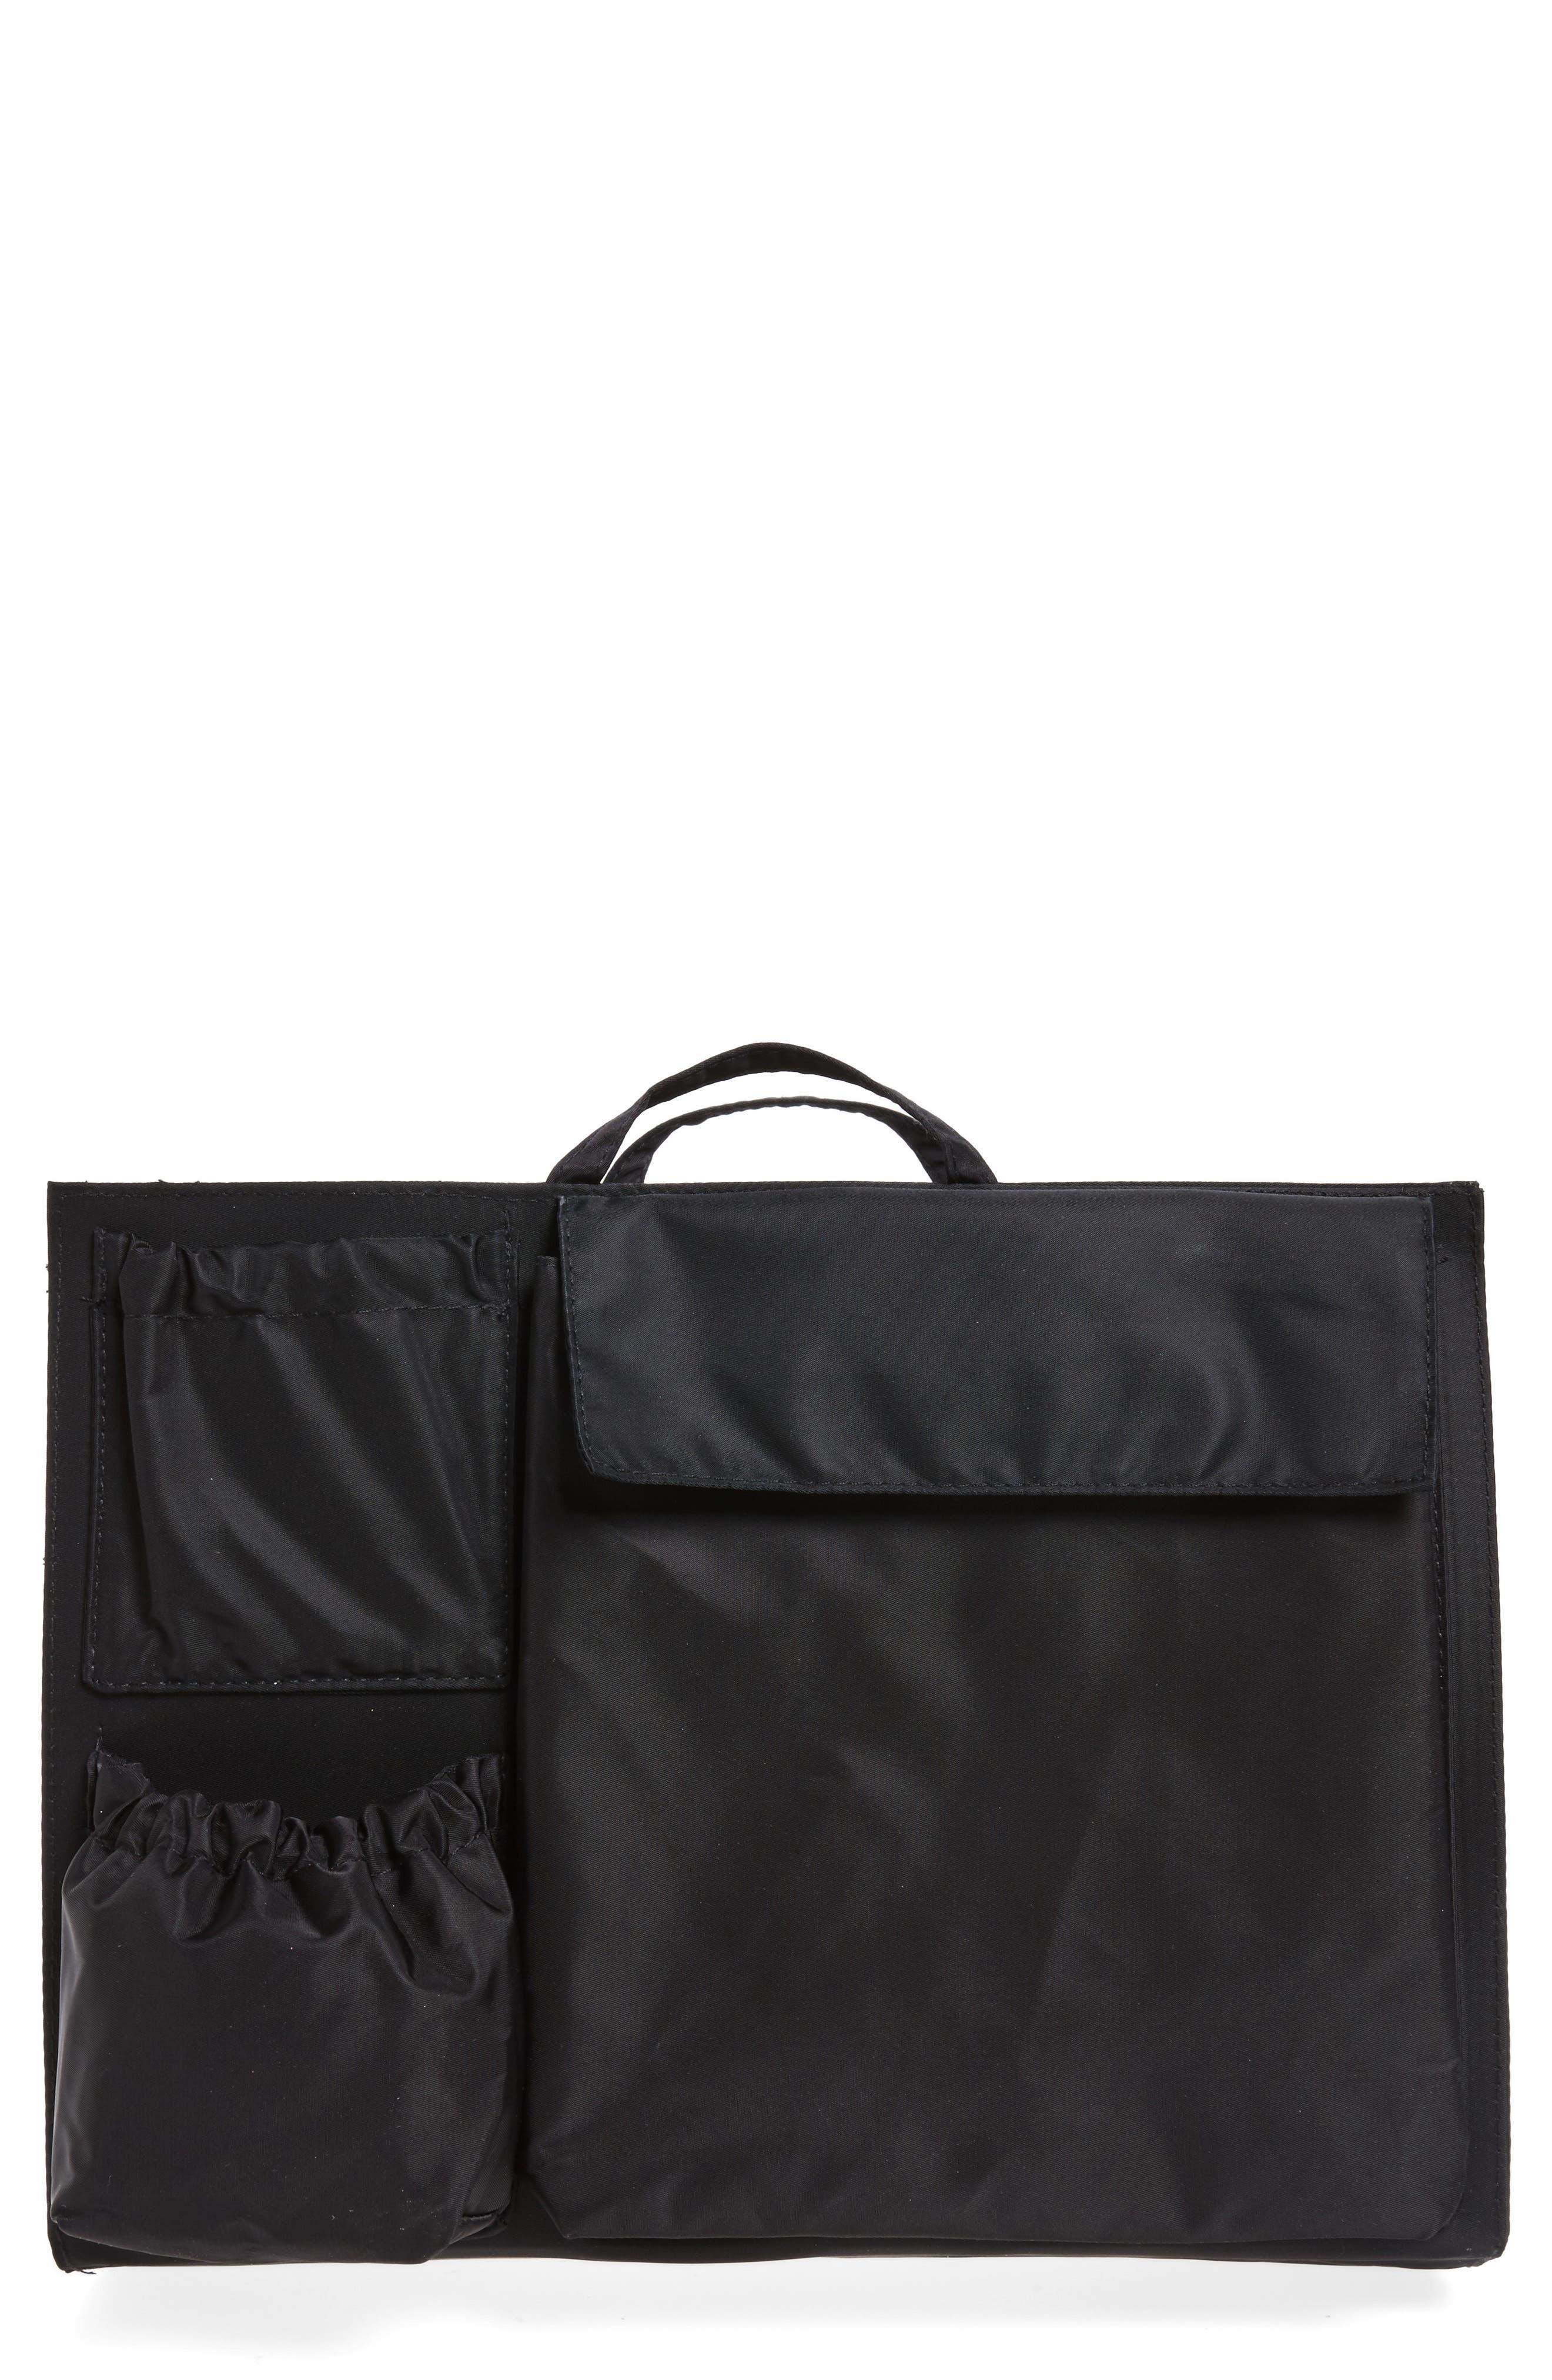 TOTESAVVY Organization Handbag Insert, Main, color, CLASSIC BLACK